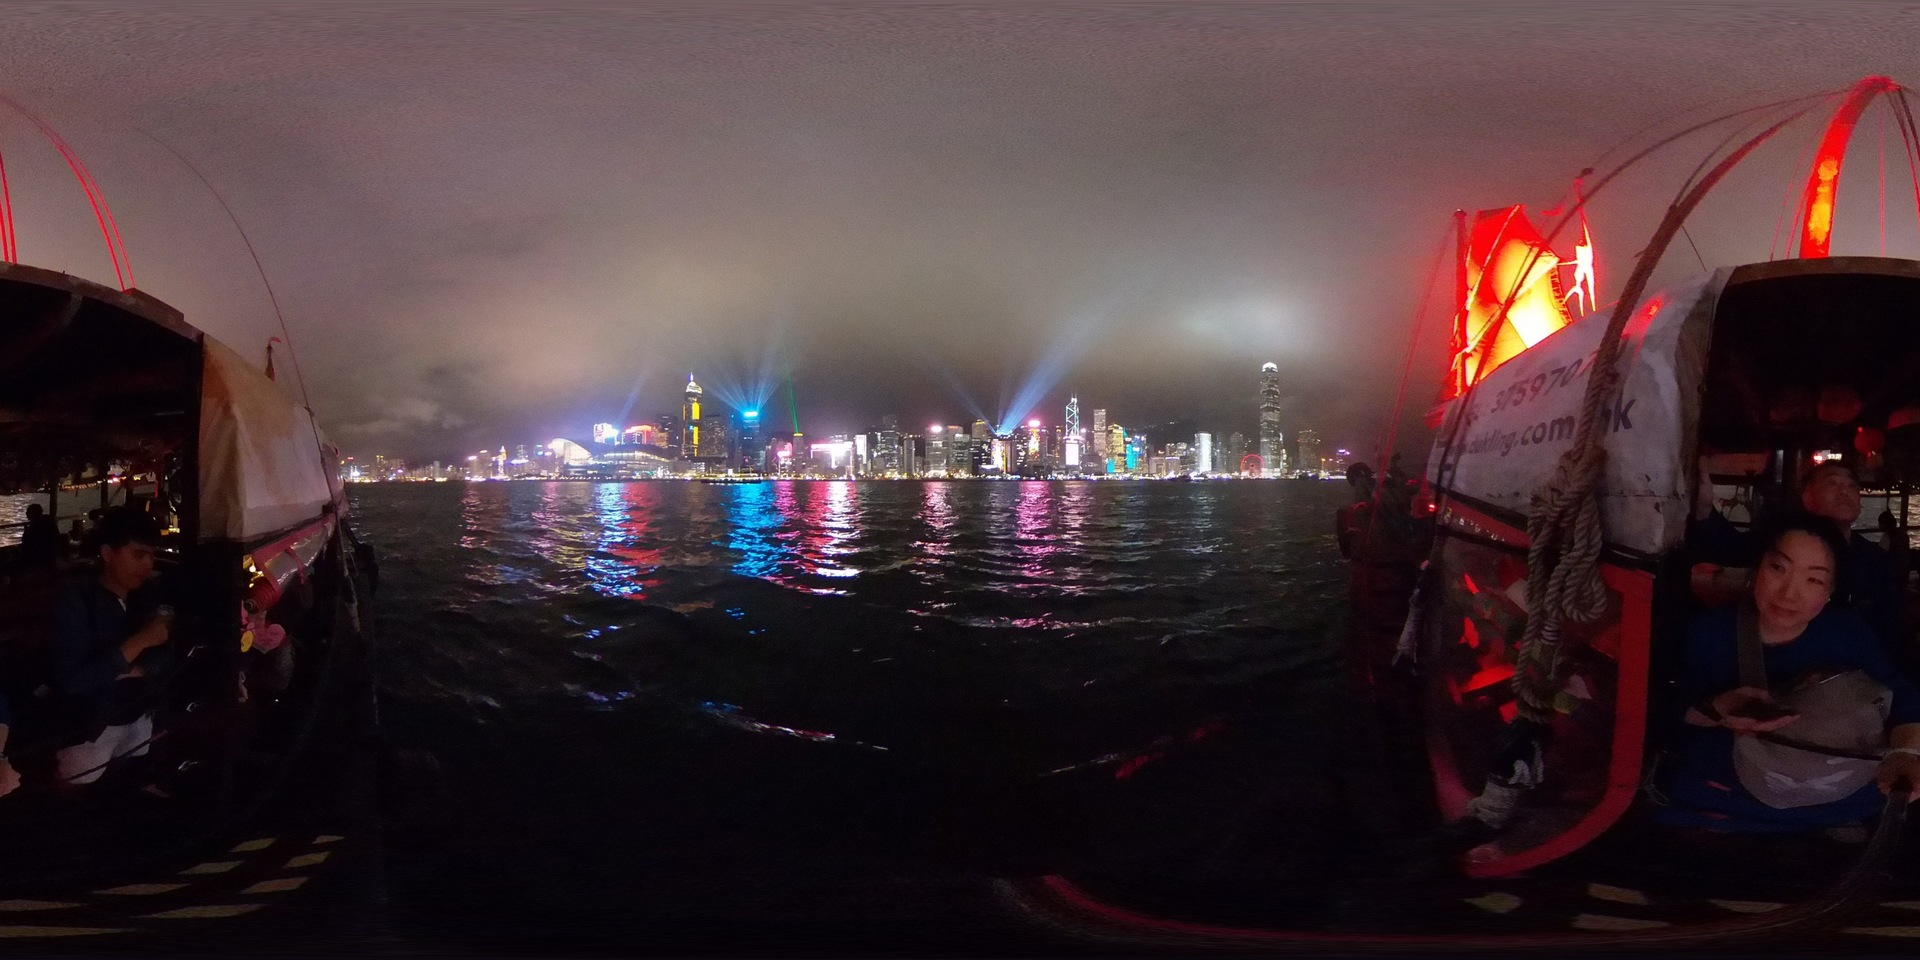 シンフォニーオブライツを堪能させていただきました。 埠頭から見るより格段も上の景色でした。